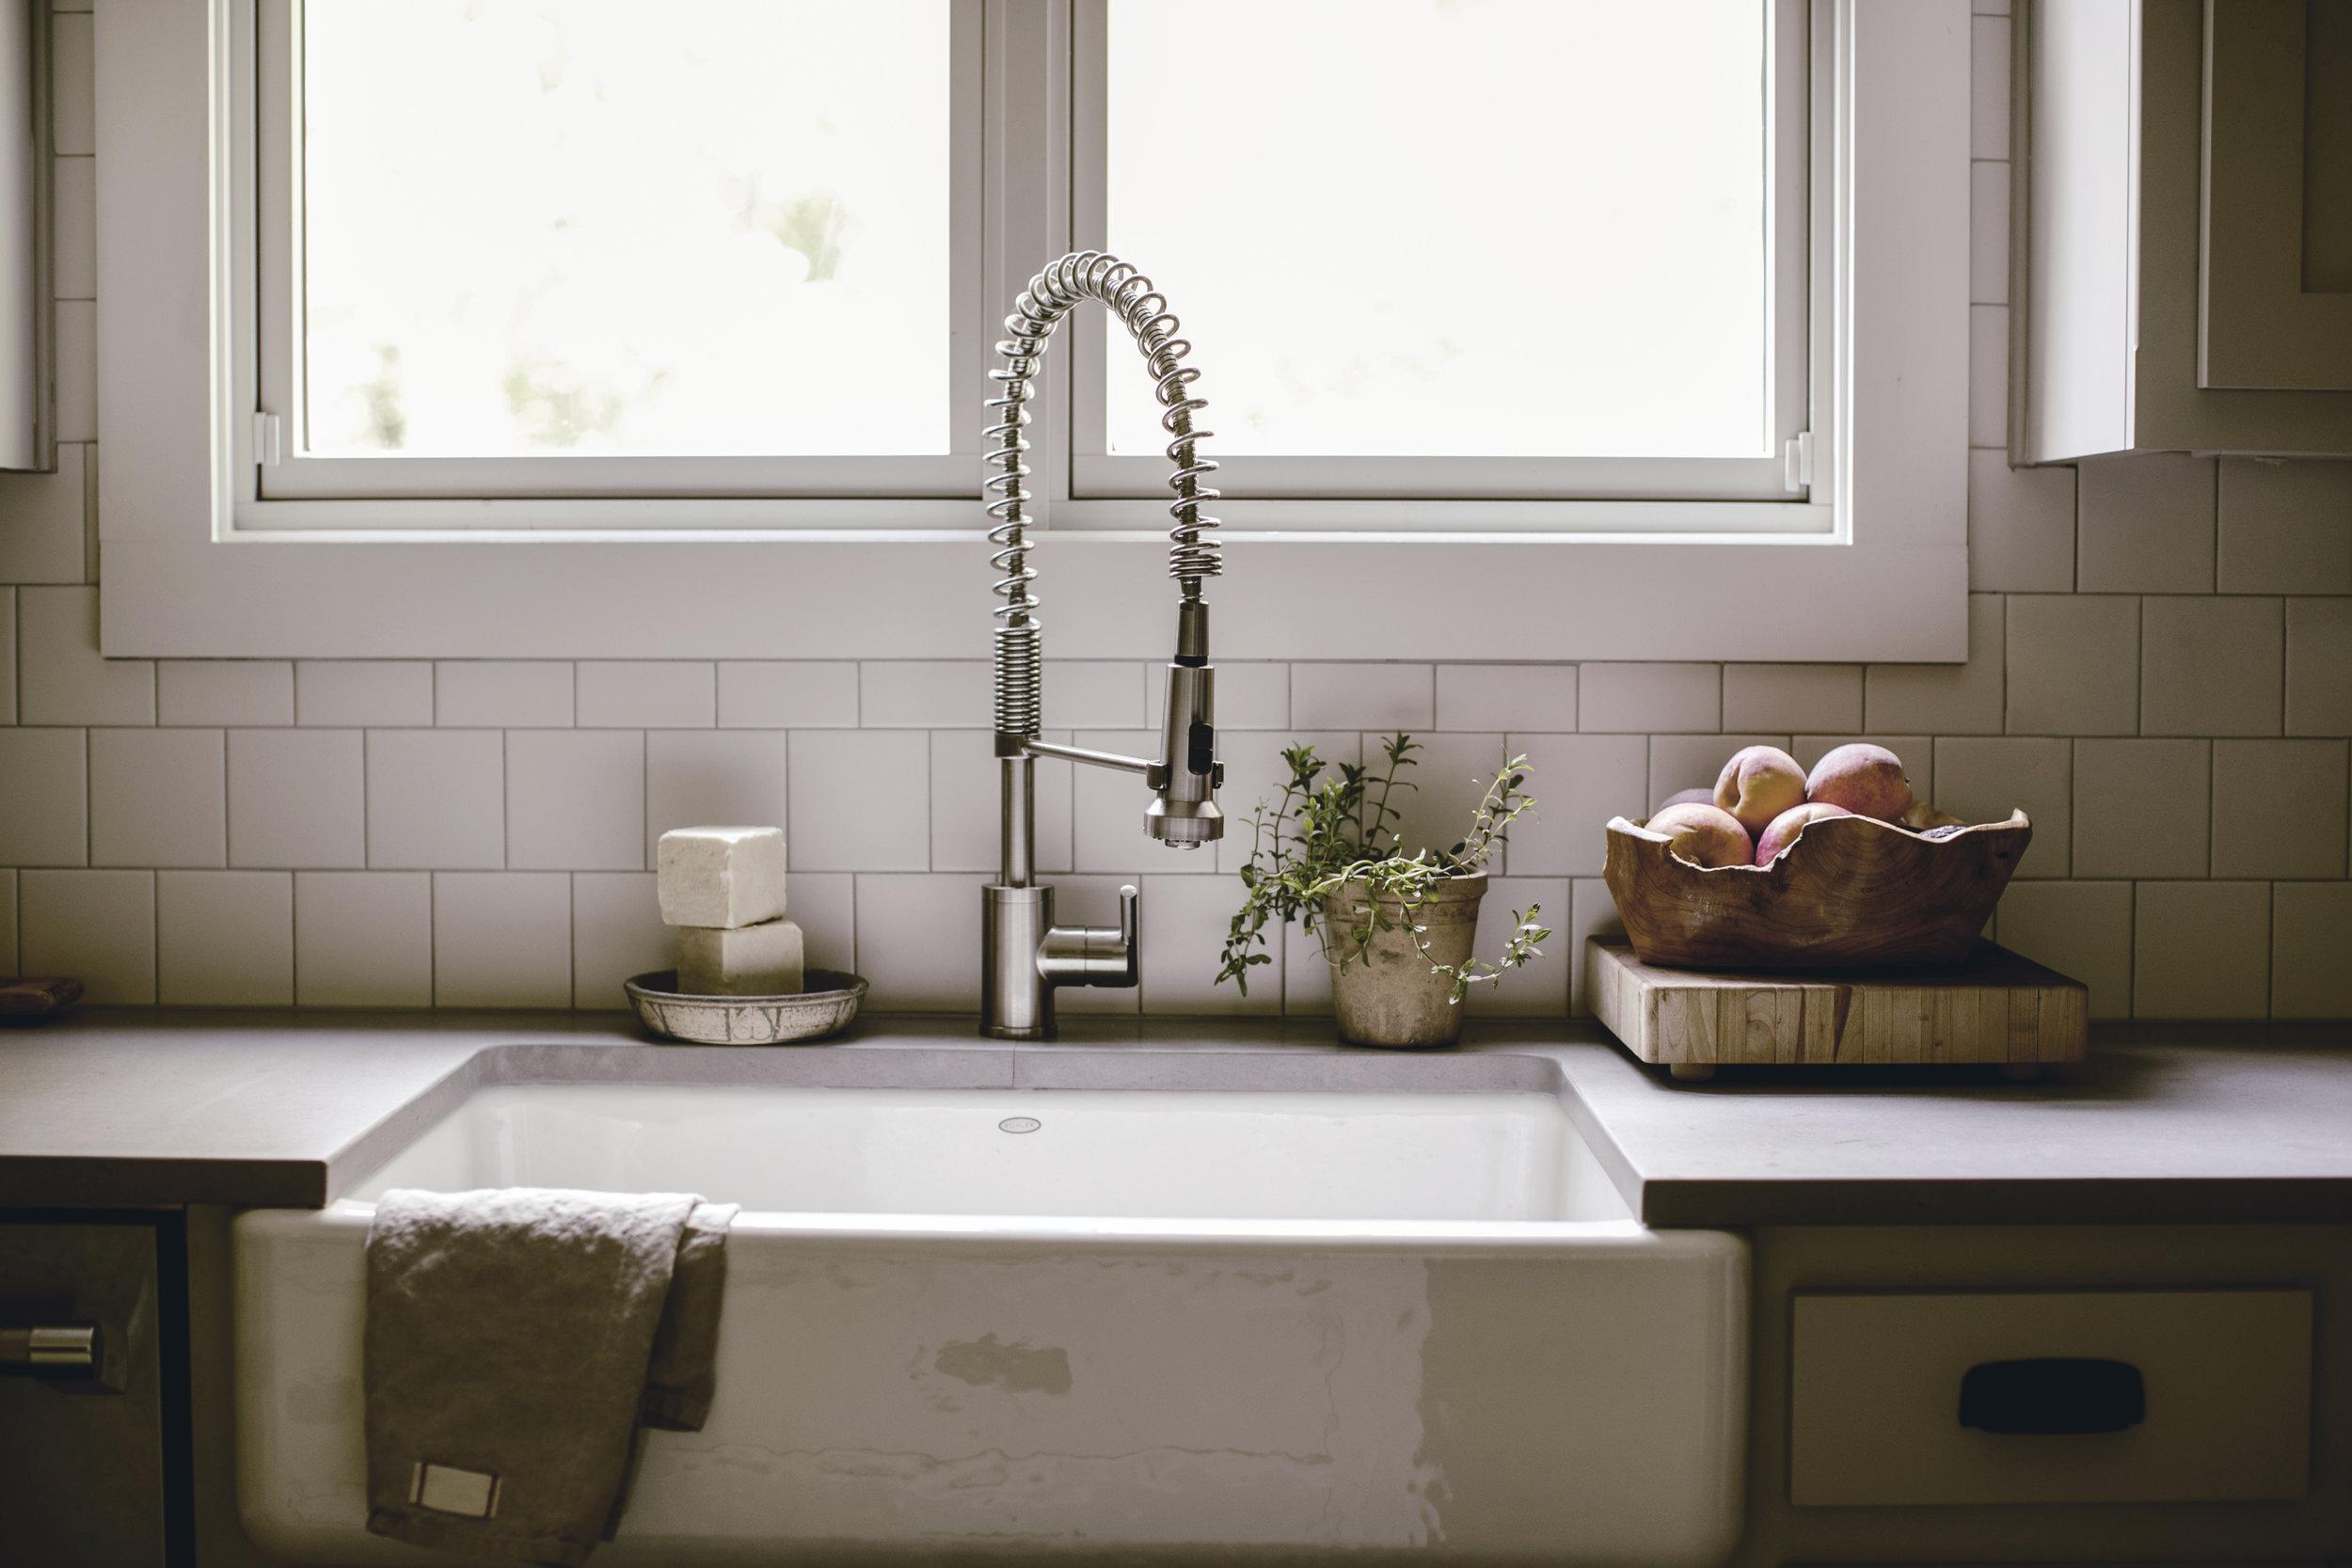 farmhouse kitchen sink / heirloomed